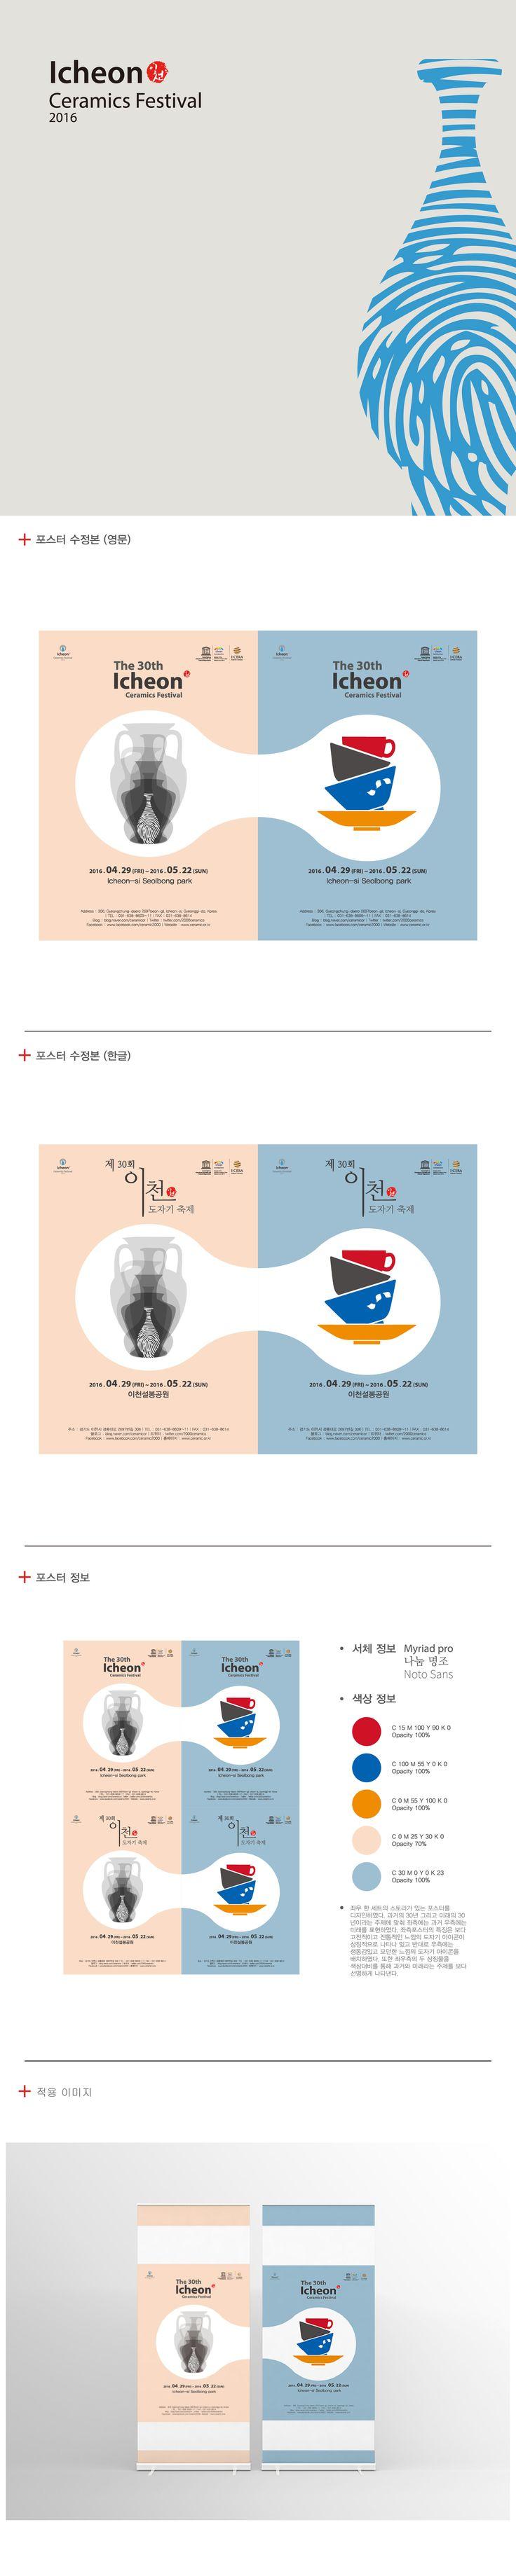 #포스터디자인 #포스터 #축제 #이천도자기 #디자인 #디자이너 #라우드소싱 #레퍼런스 #poster #design 이천도자기축제 포스터디자인 leejis77님의 작품이 우승작으로 선정되었습니다.